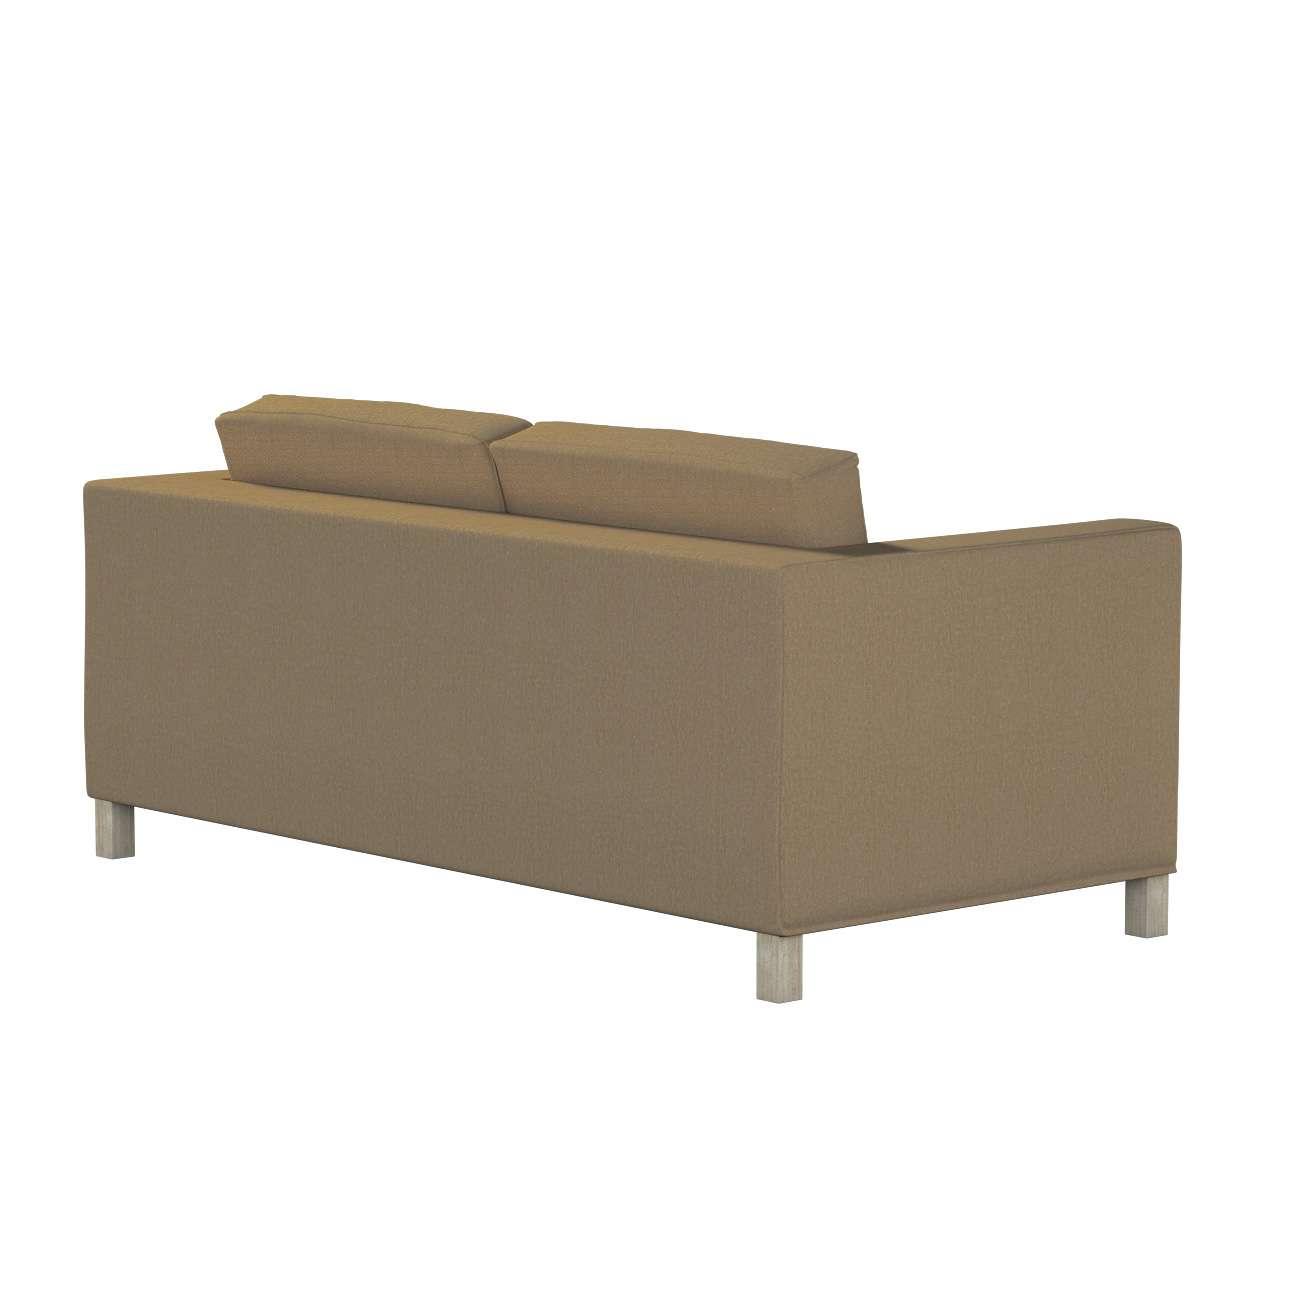 Potah na pohovku IKEA  Karlanda rozkládací, krátký v kolekci Chenille, látka: 702-21